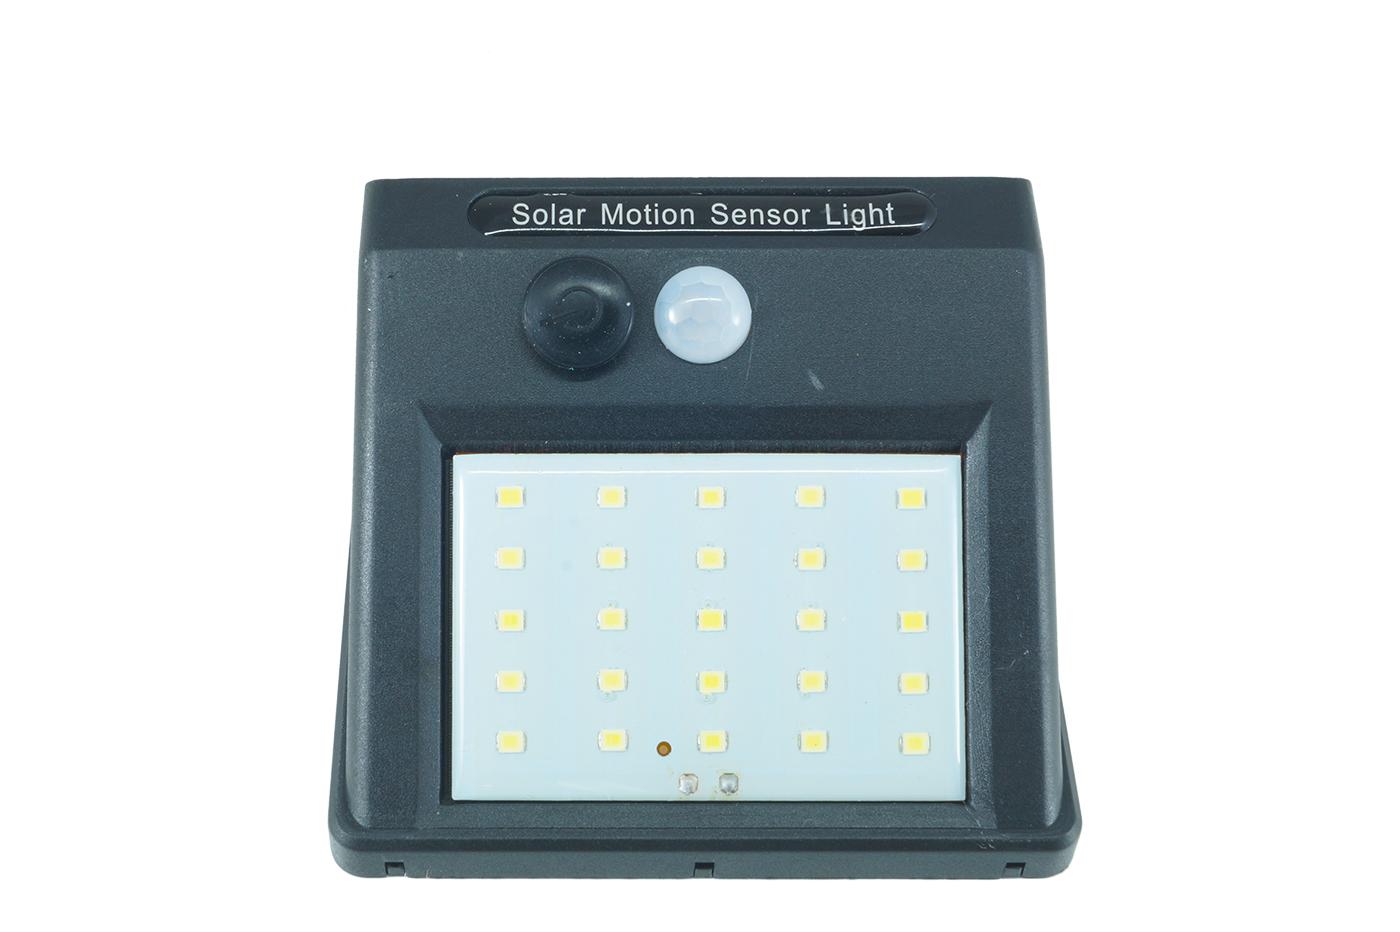 Plafoniera Esterno Sensore Movimento : Bes 22757 illuminazione ad energia solare beselettronica